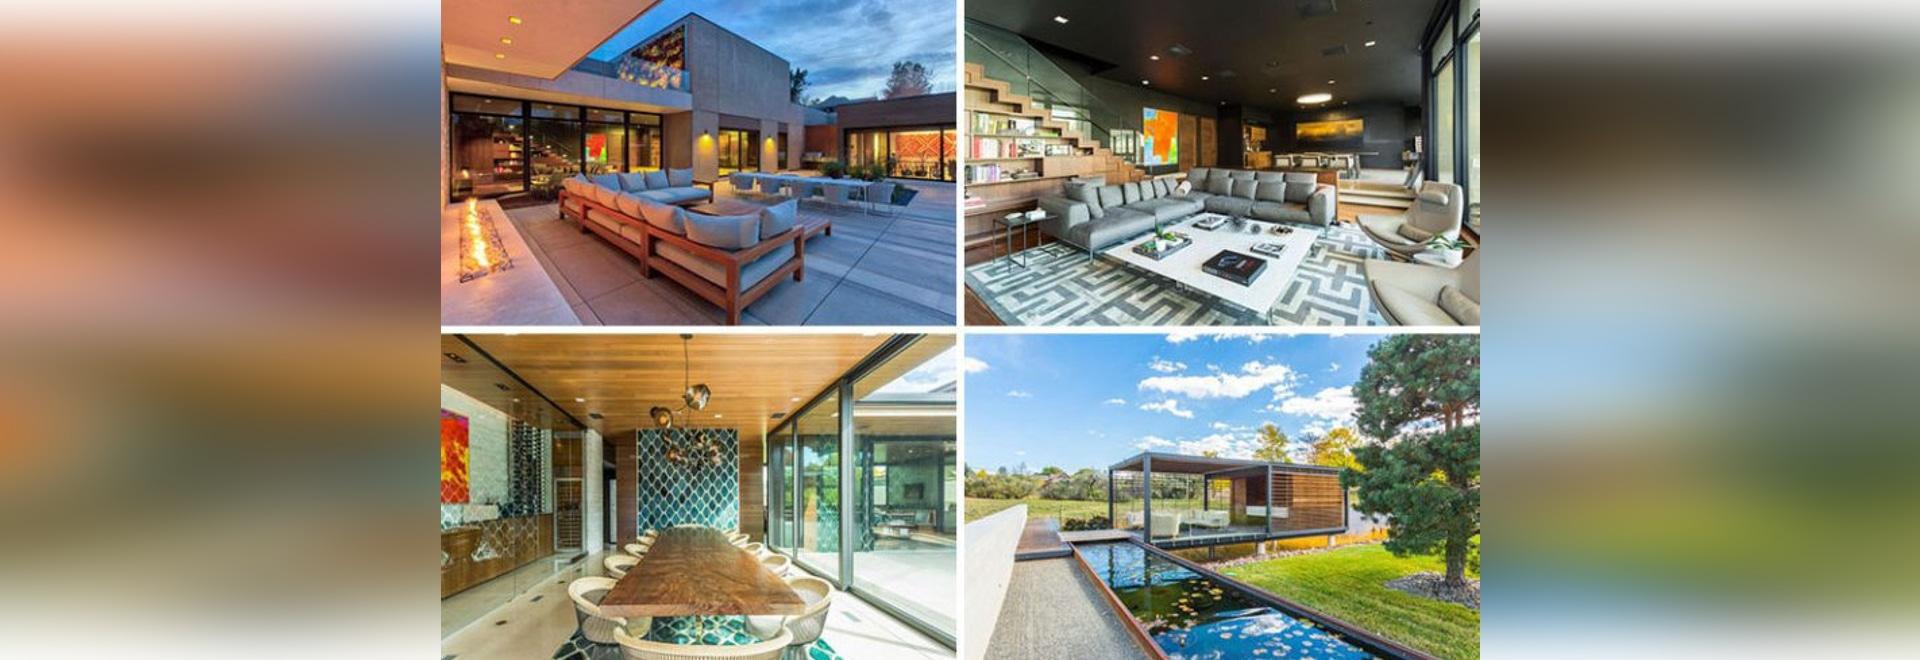 Il y a les espaces vitaux multiples à l'intérieur de cette maison suburbaine informe dans le Colorado